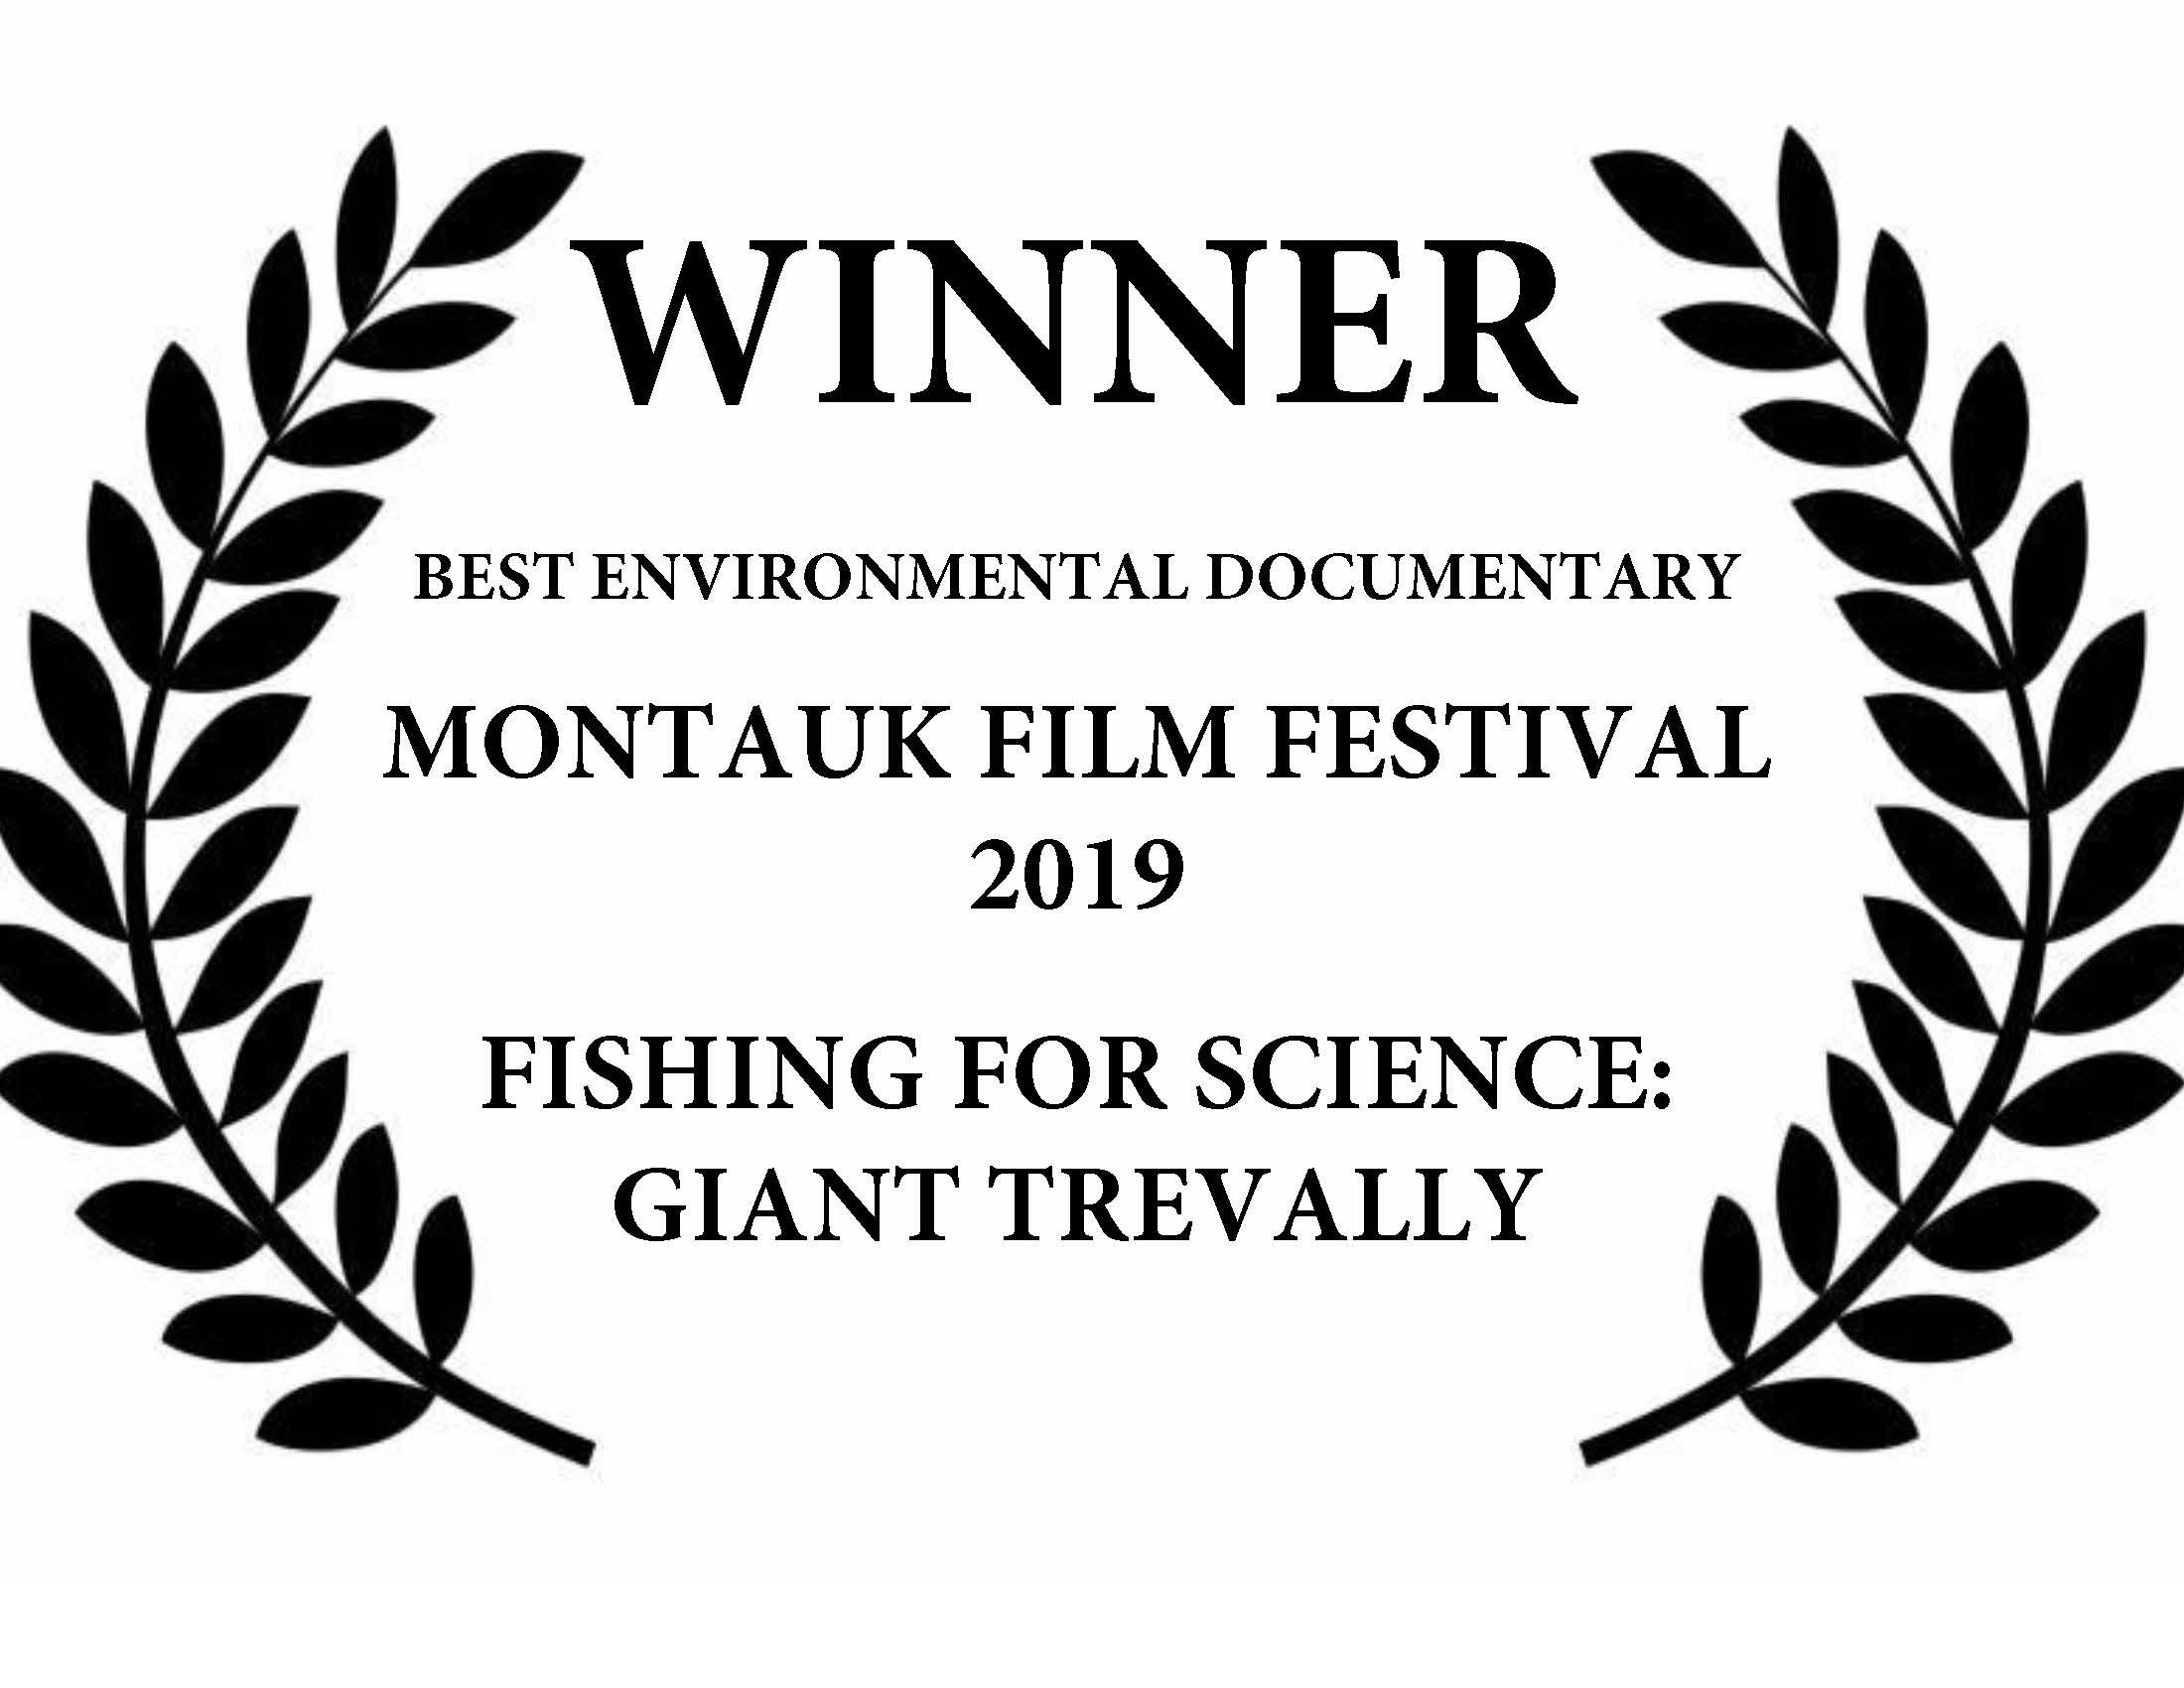 WINNER FISHING FOR SCIENCE LAUREL 2019.jpg